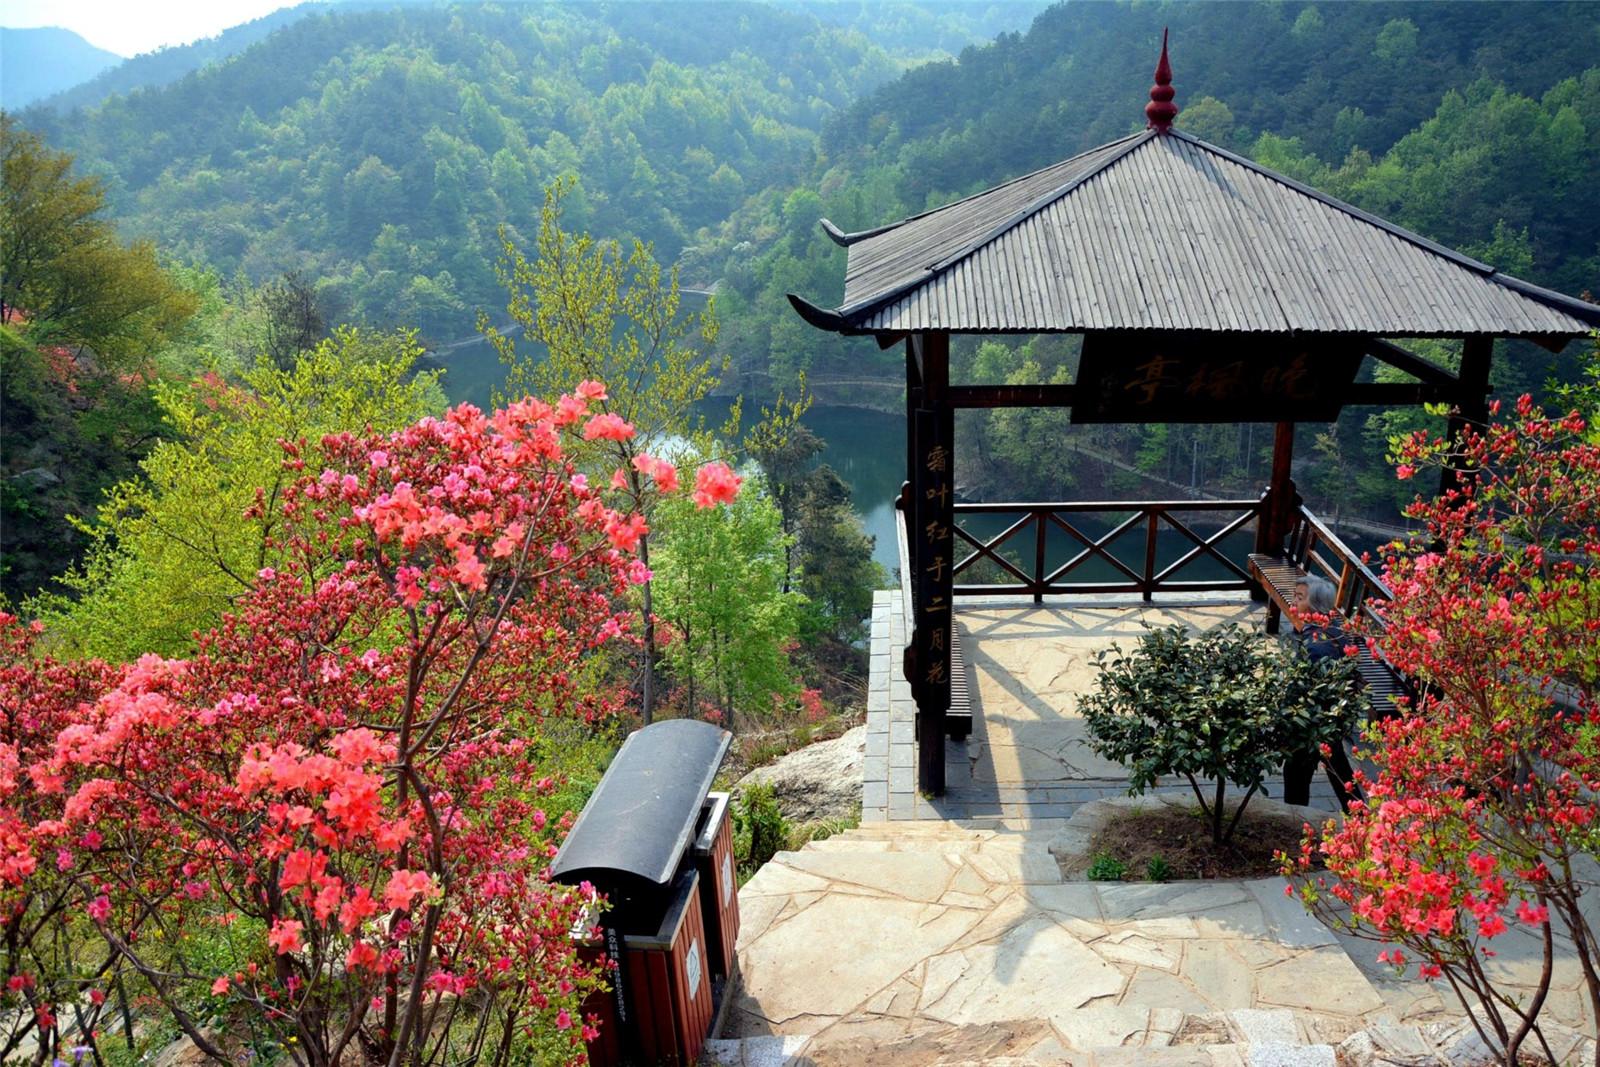 黄陂木兰清凉寨3D玻璃桥1日巴士跟团游体验山湖美景